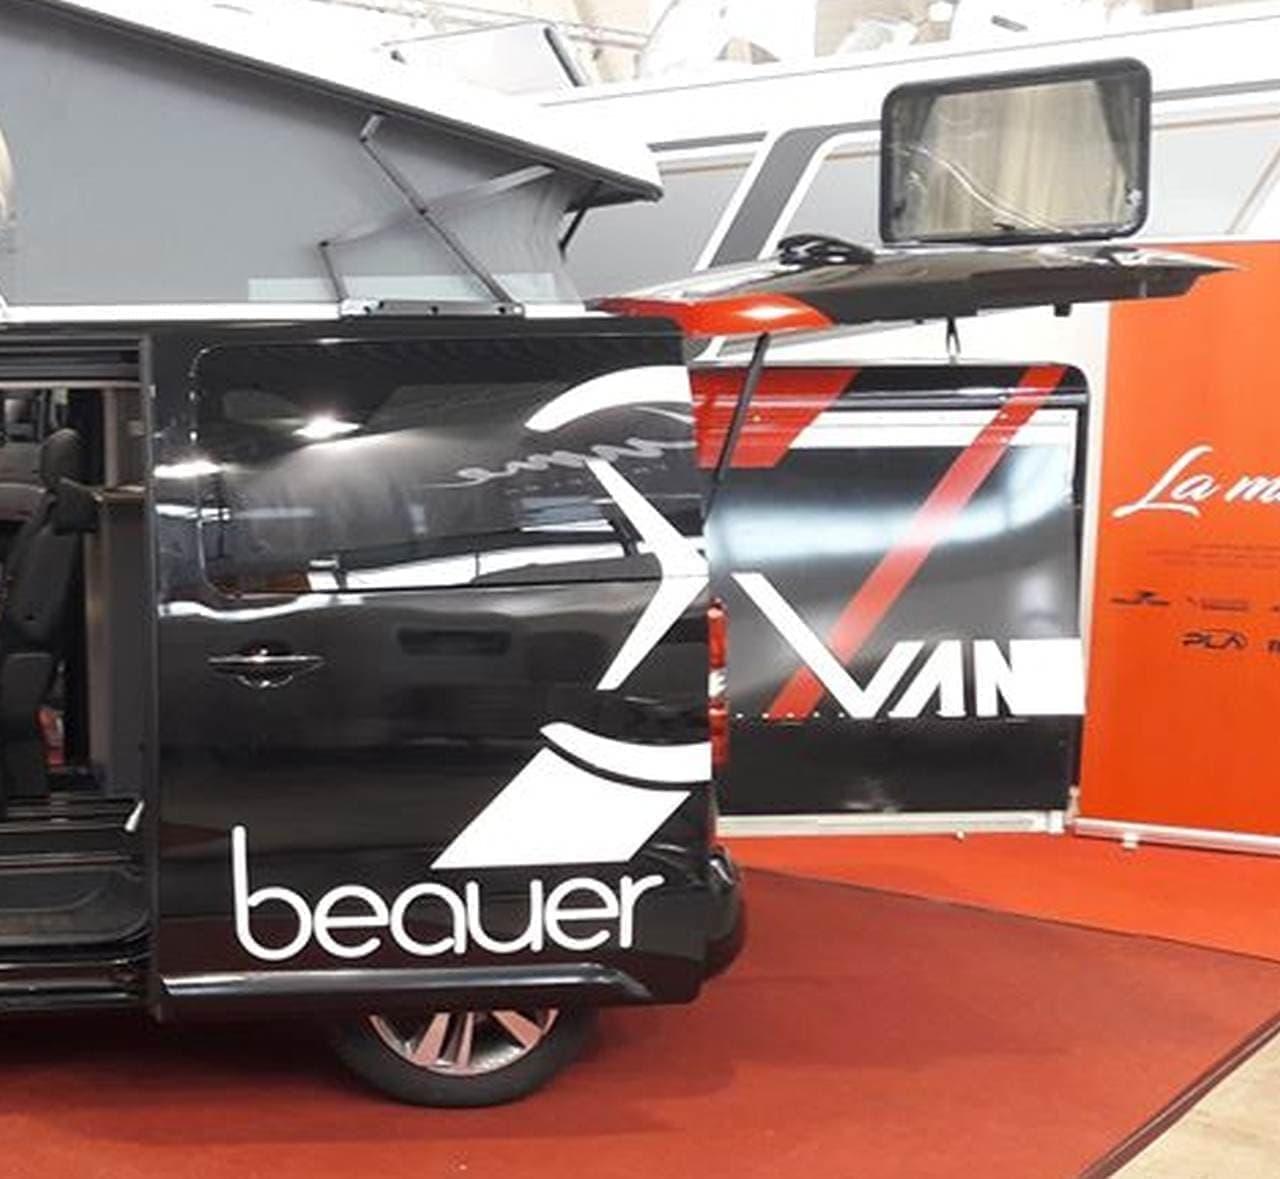 我が家のバンをキャンピングカーにしたい―1メートルせり出すBeauer「X-VAN」はどう?